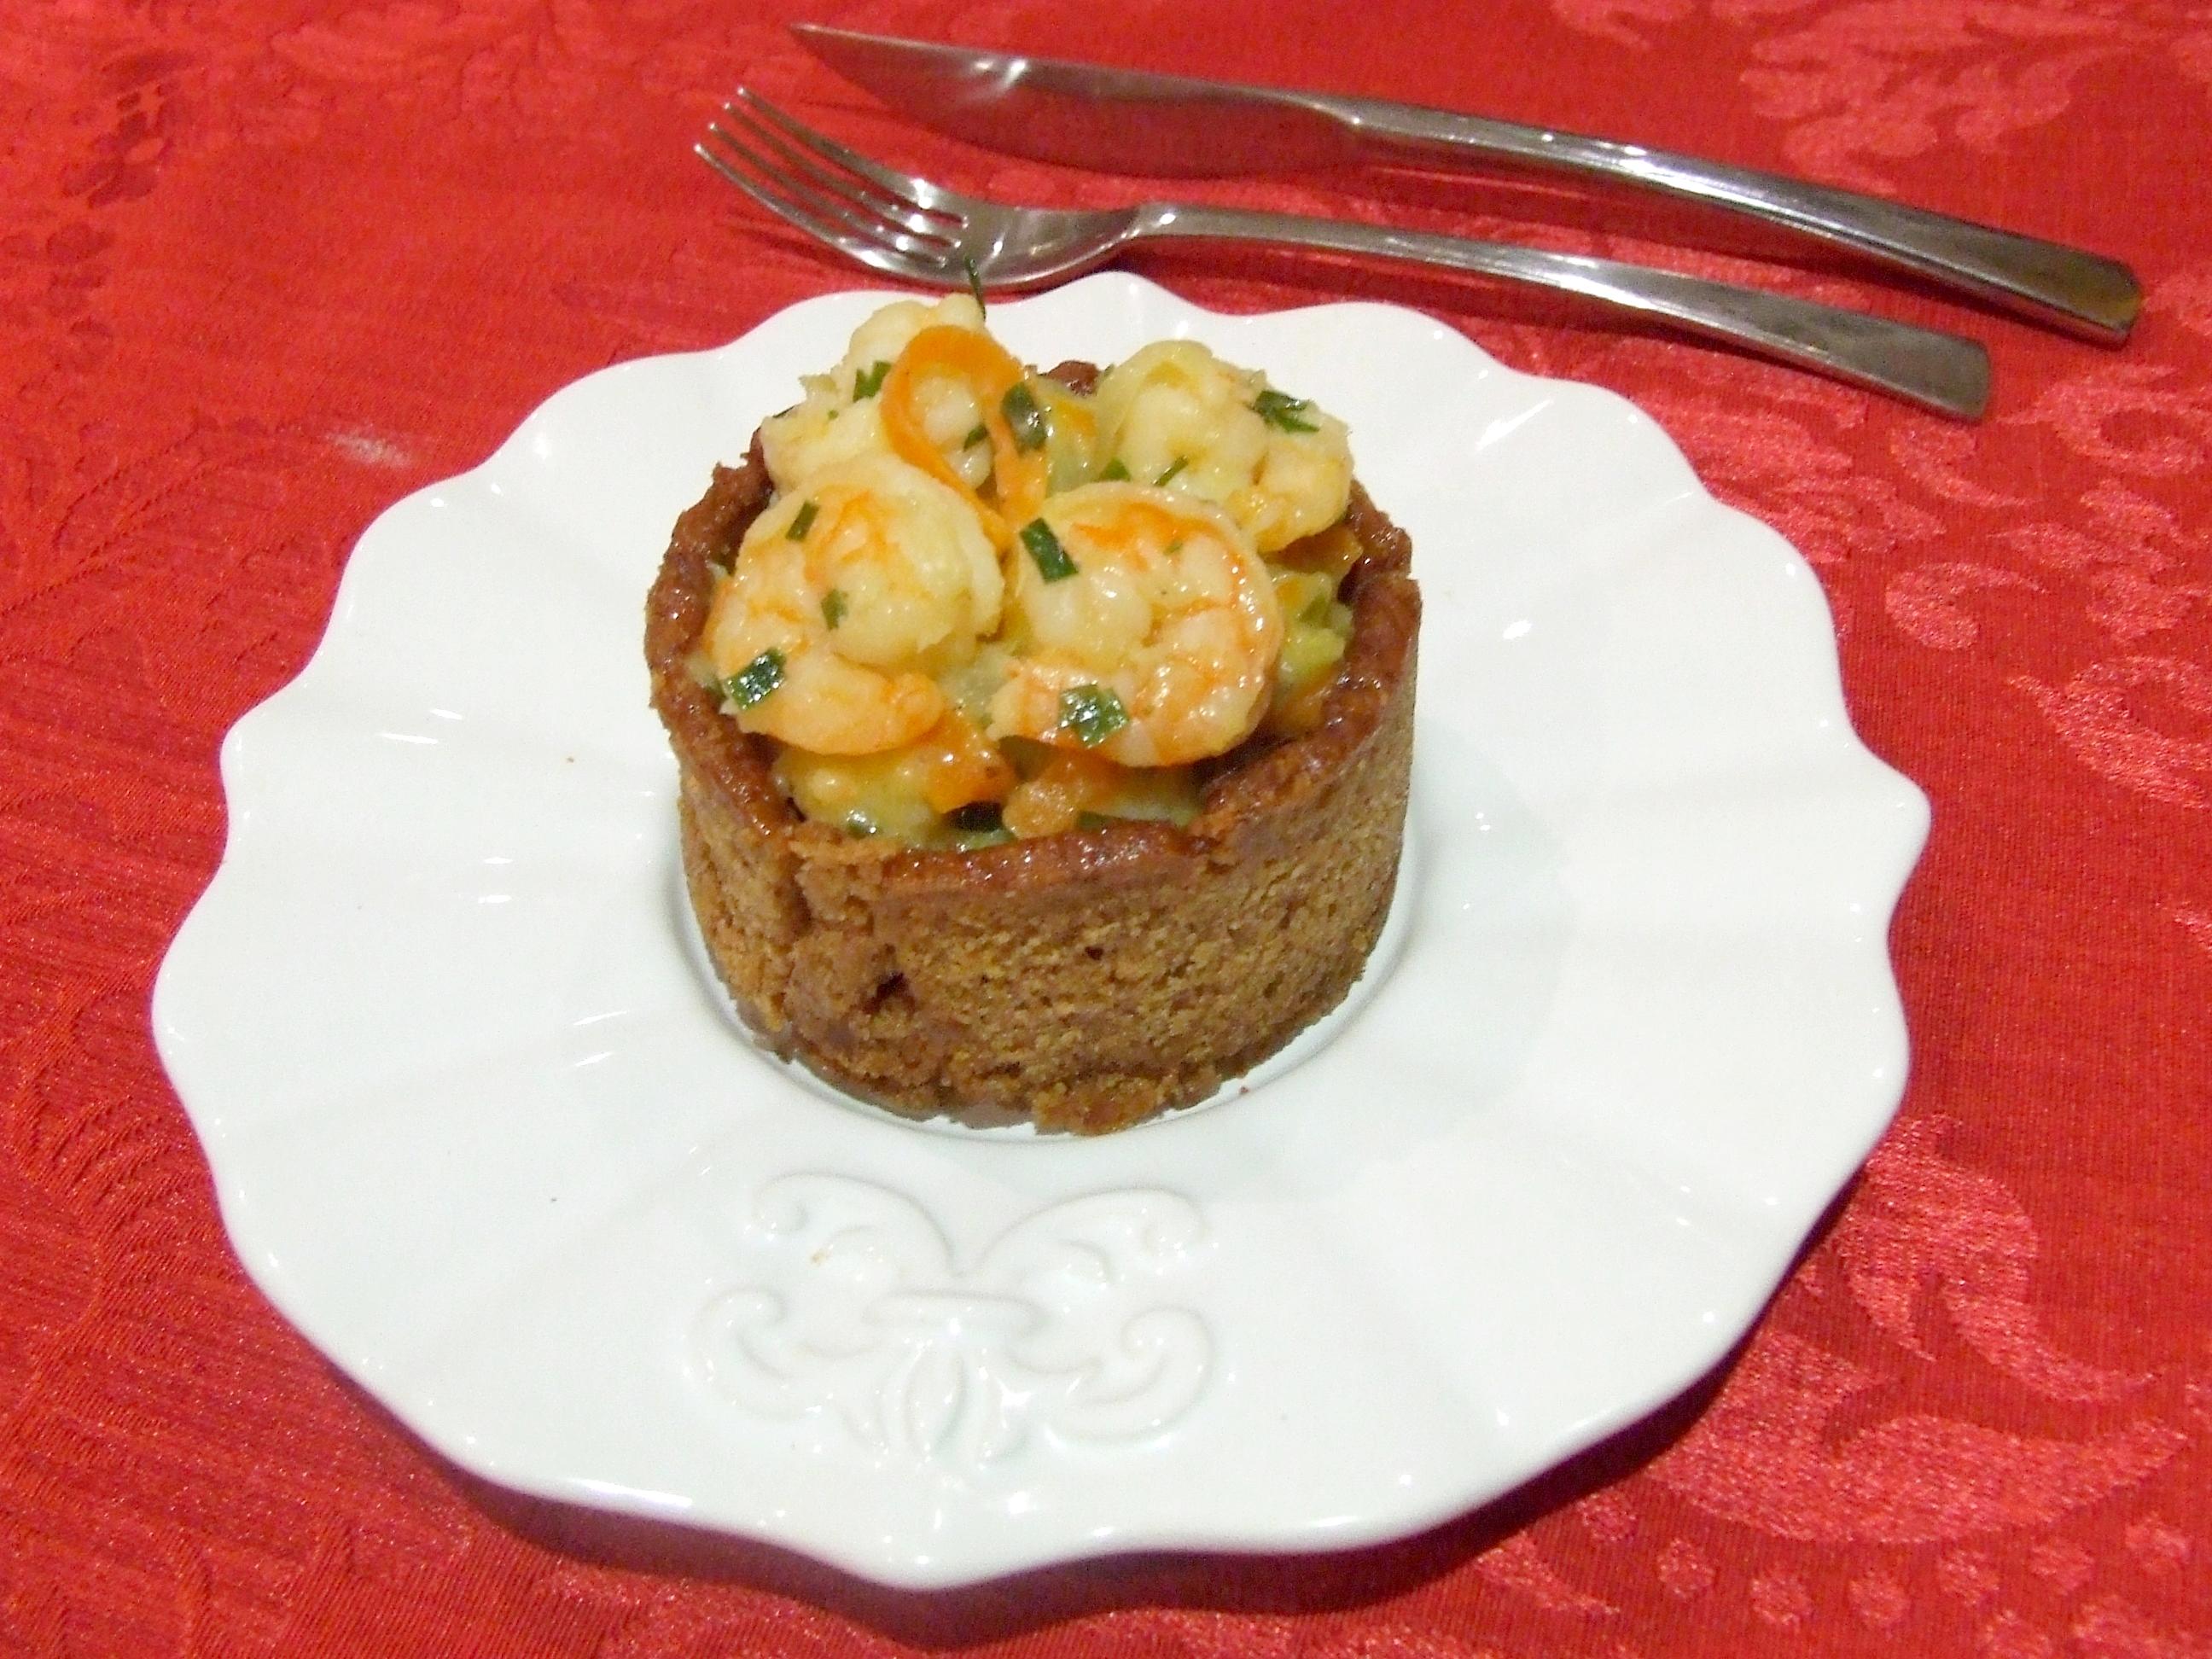 La cuisine une cr ativit part enti re les couleurs for Cuisine entiere